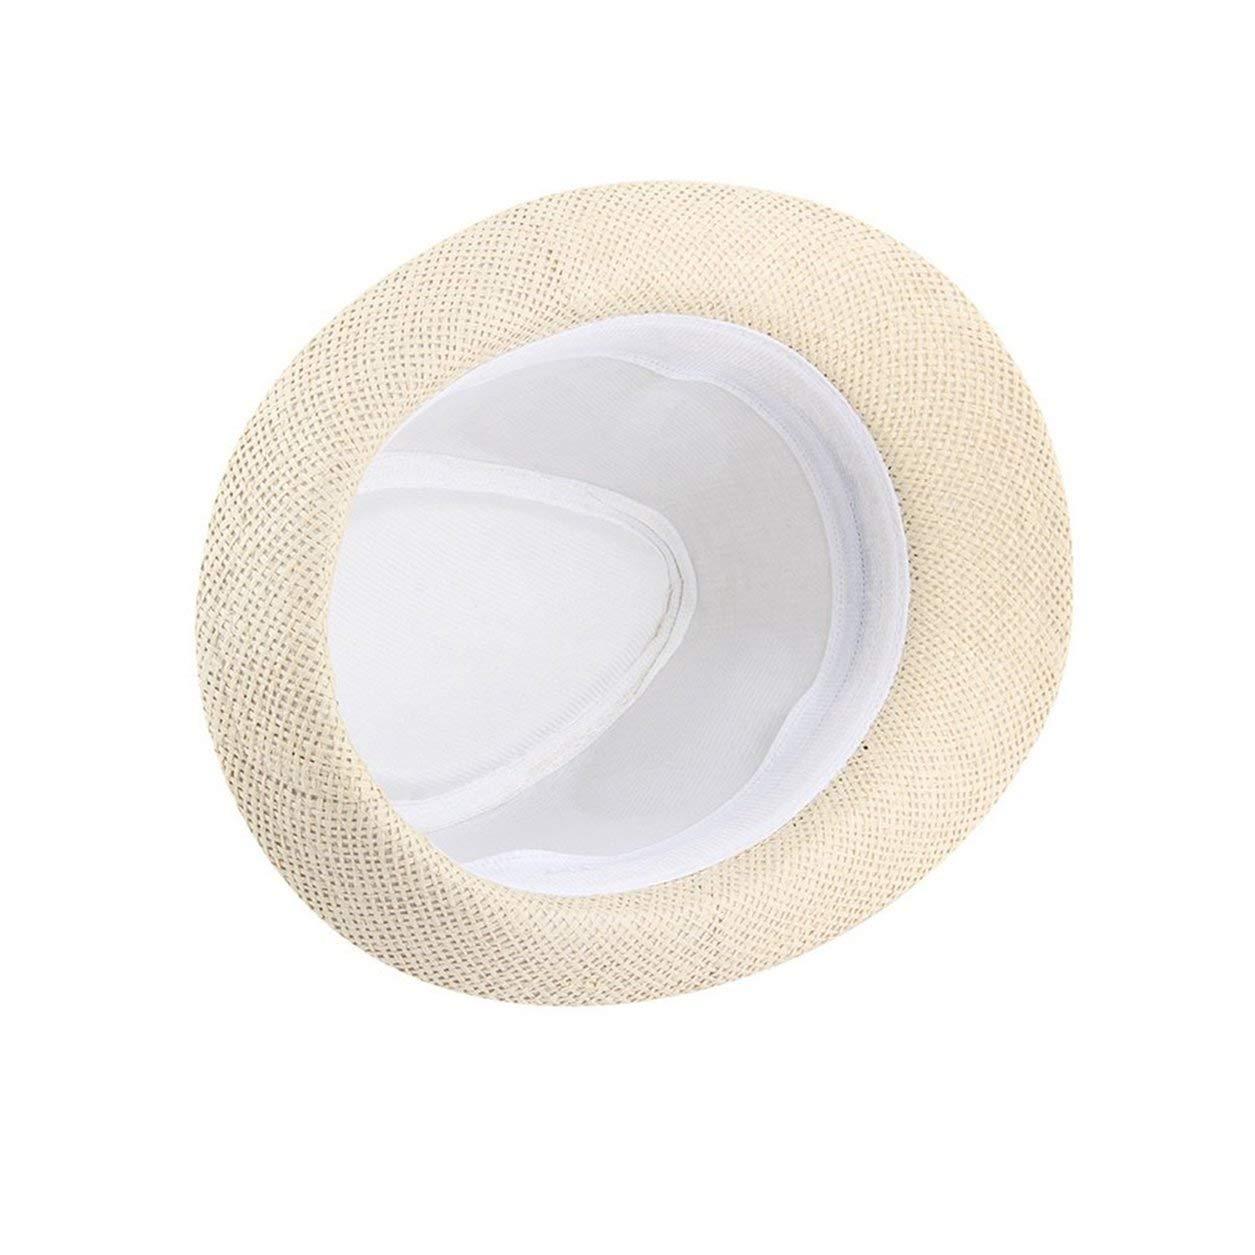 Dailyinshop Estate Stile Neutro Unisex Casual Cotone Cappelli Panama Cappelli Jazz Cappello Fedora Fit in Forma con Qualsiasi bardature estive Kaki